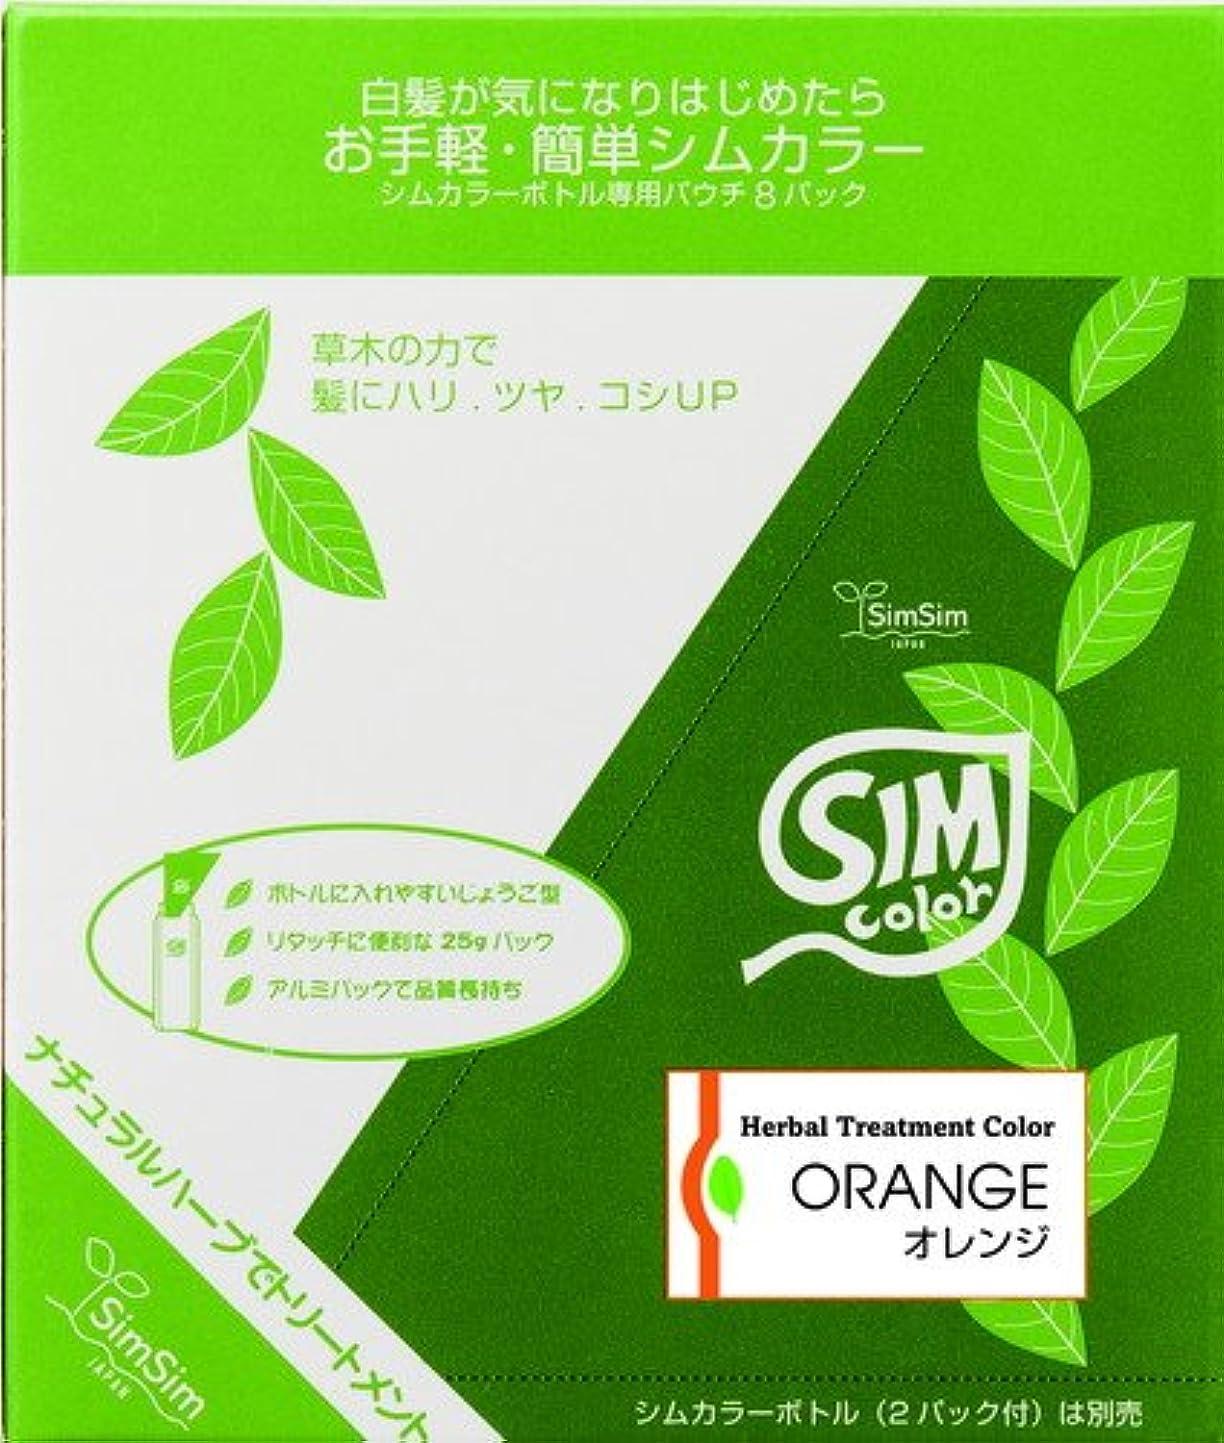 アコー櫛無駄にSimSim(シムシム)お手軽簡単シムカラーエクストラ(EX)25g 8袋 オレンジ